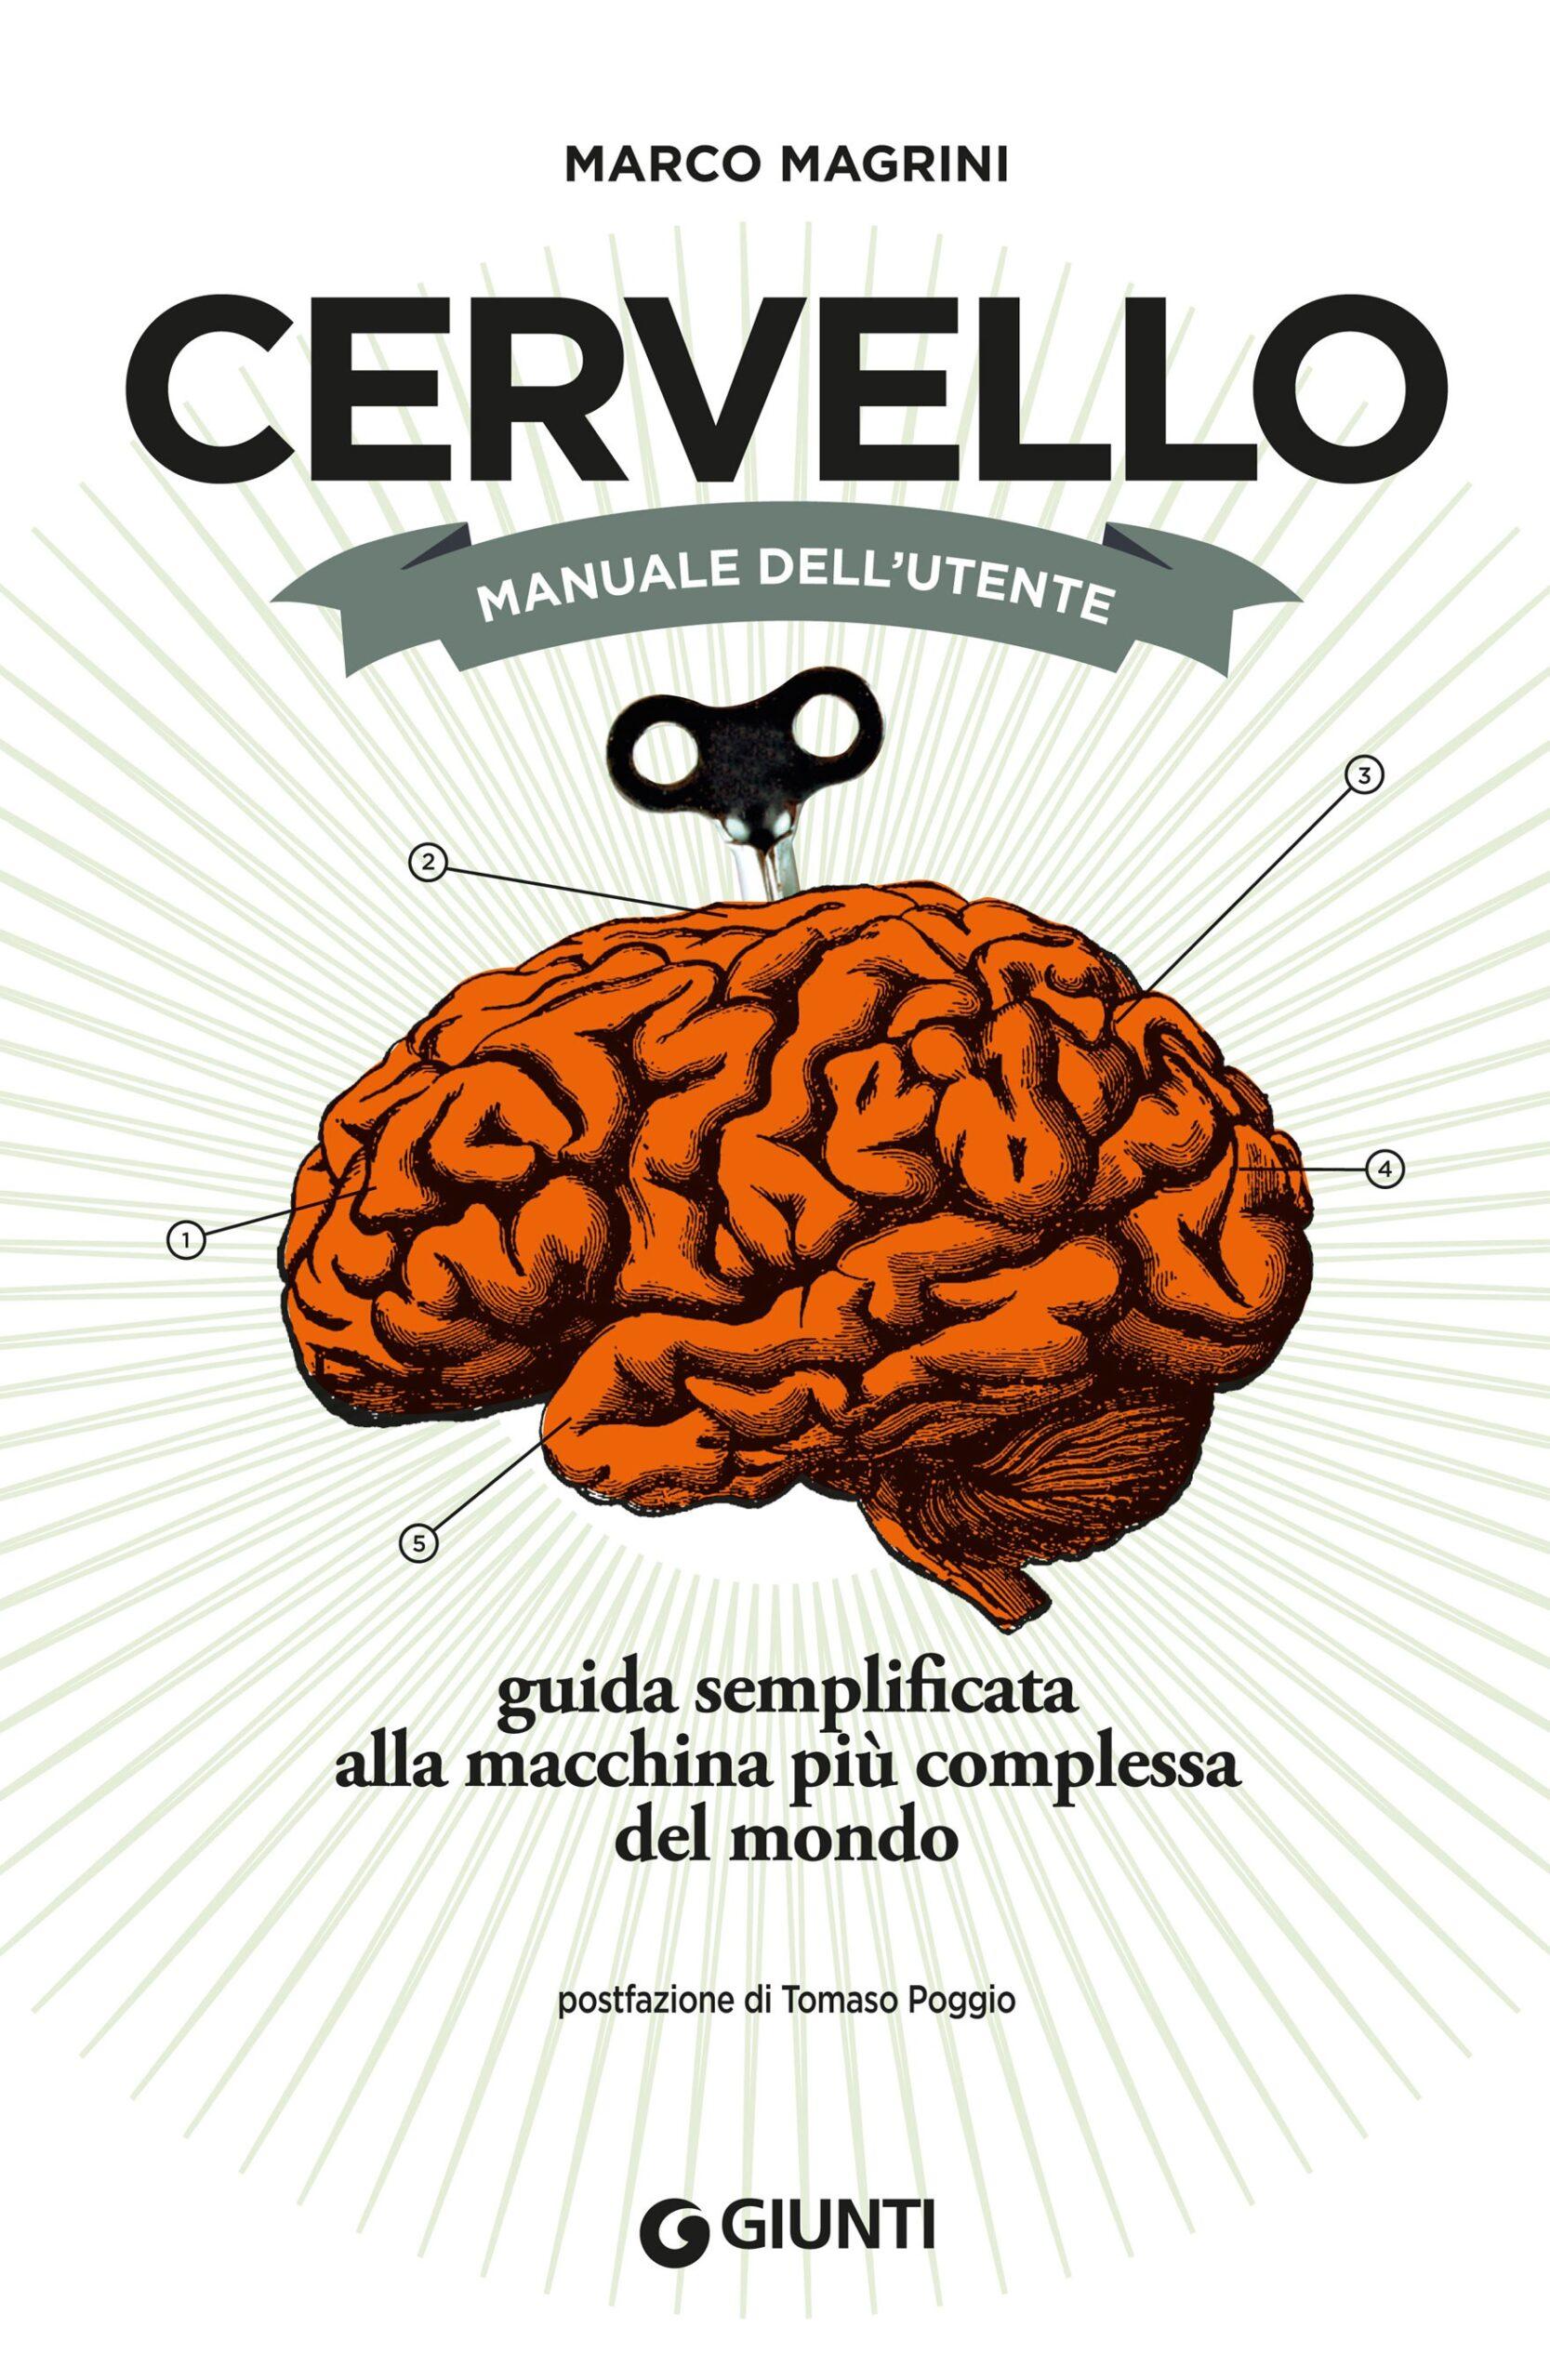 Cervello – Marco Magrini